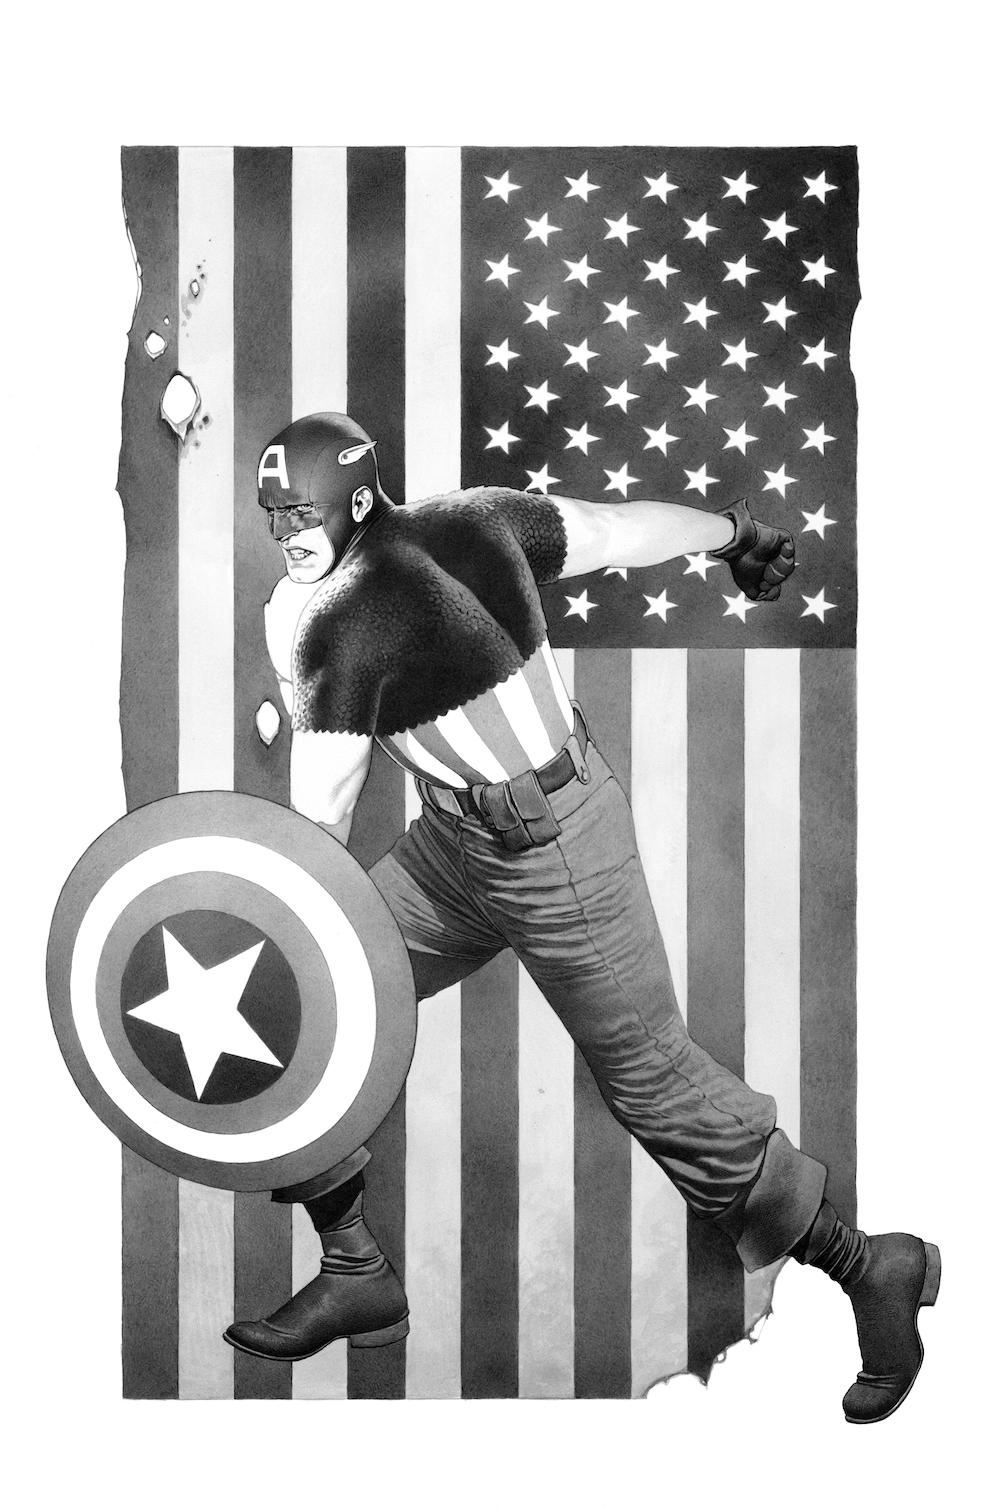 CaptainAmerica_bw.jpg